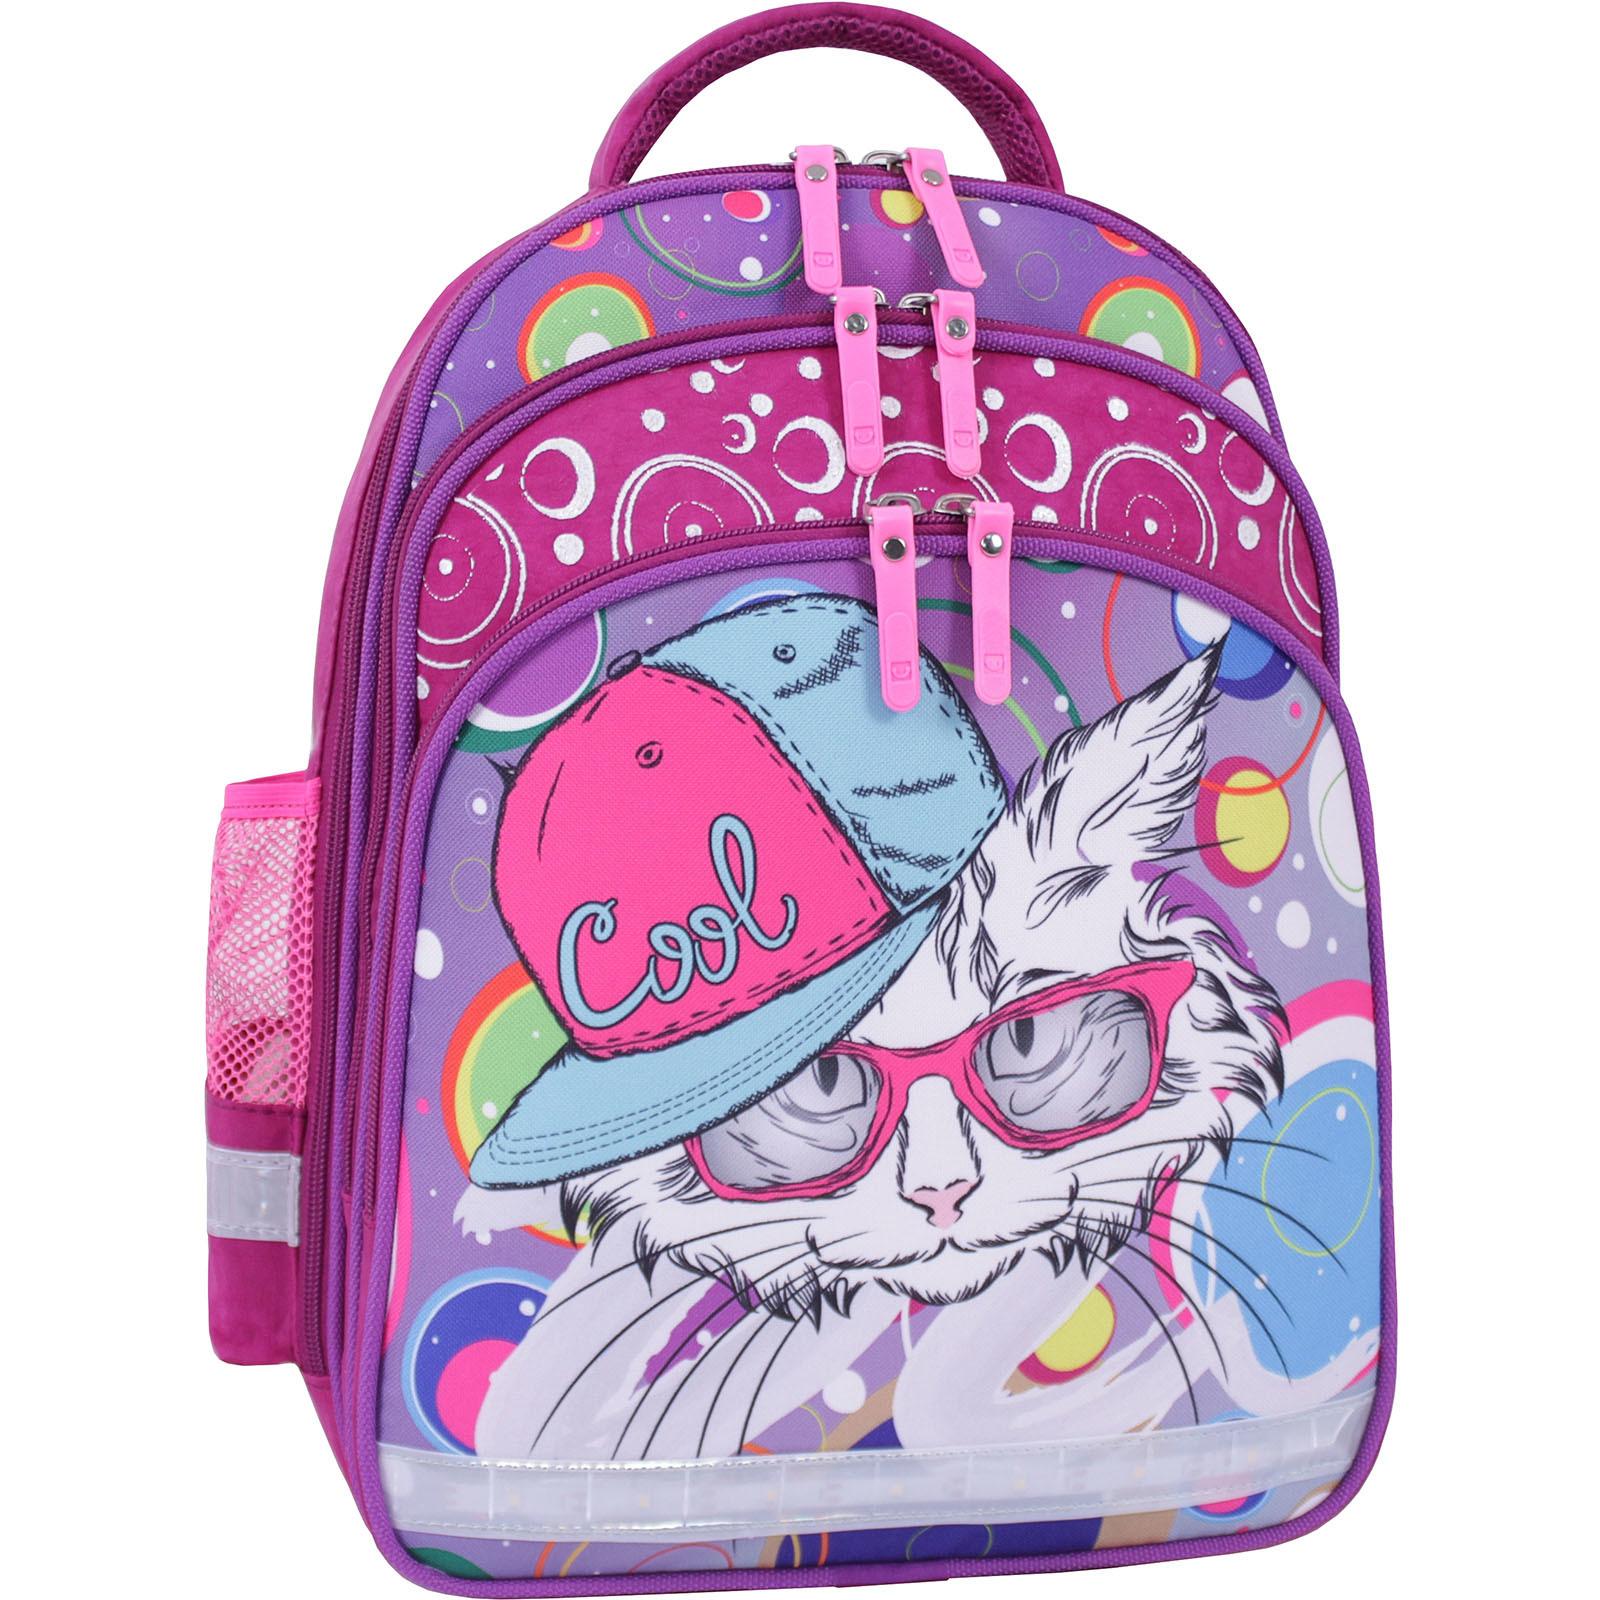 Рюкзак школьный Bagland Mouse 143 малиновый 501 (0051370) фото 1